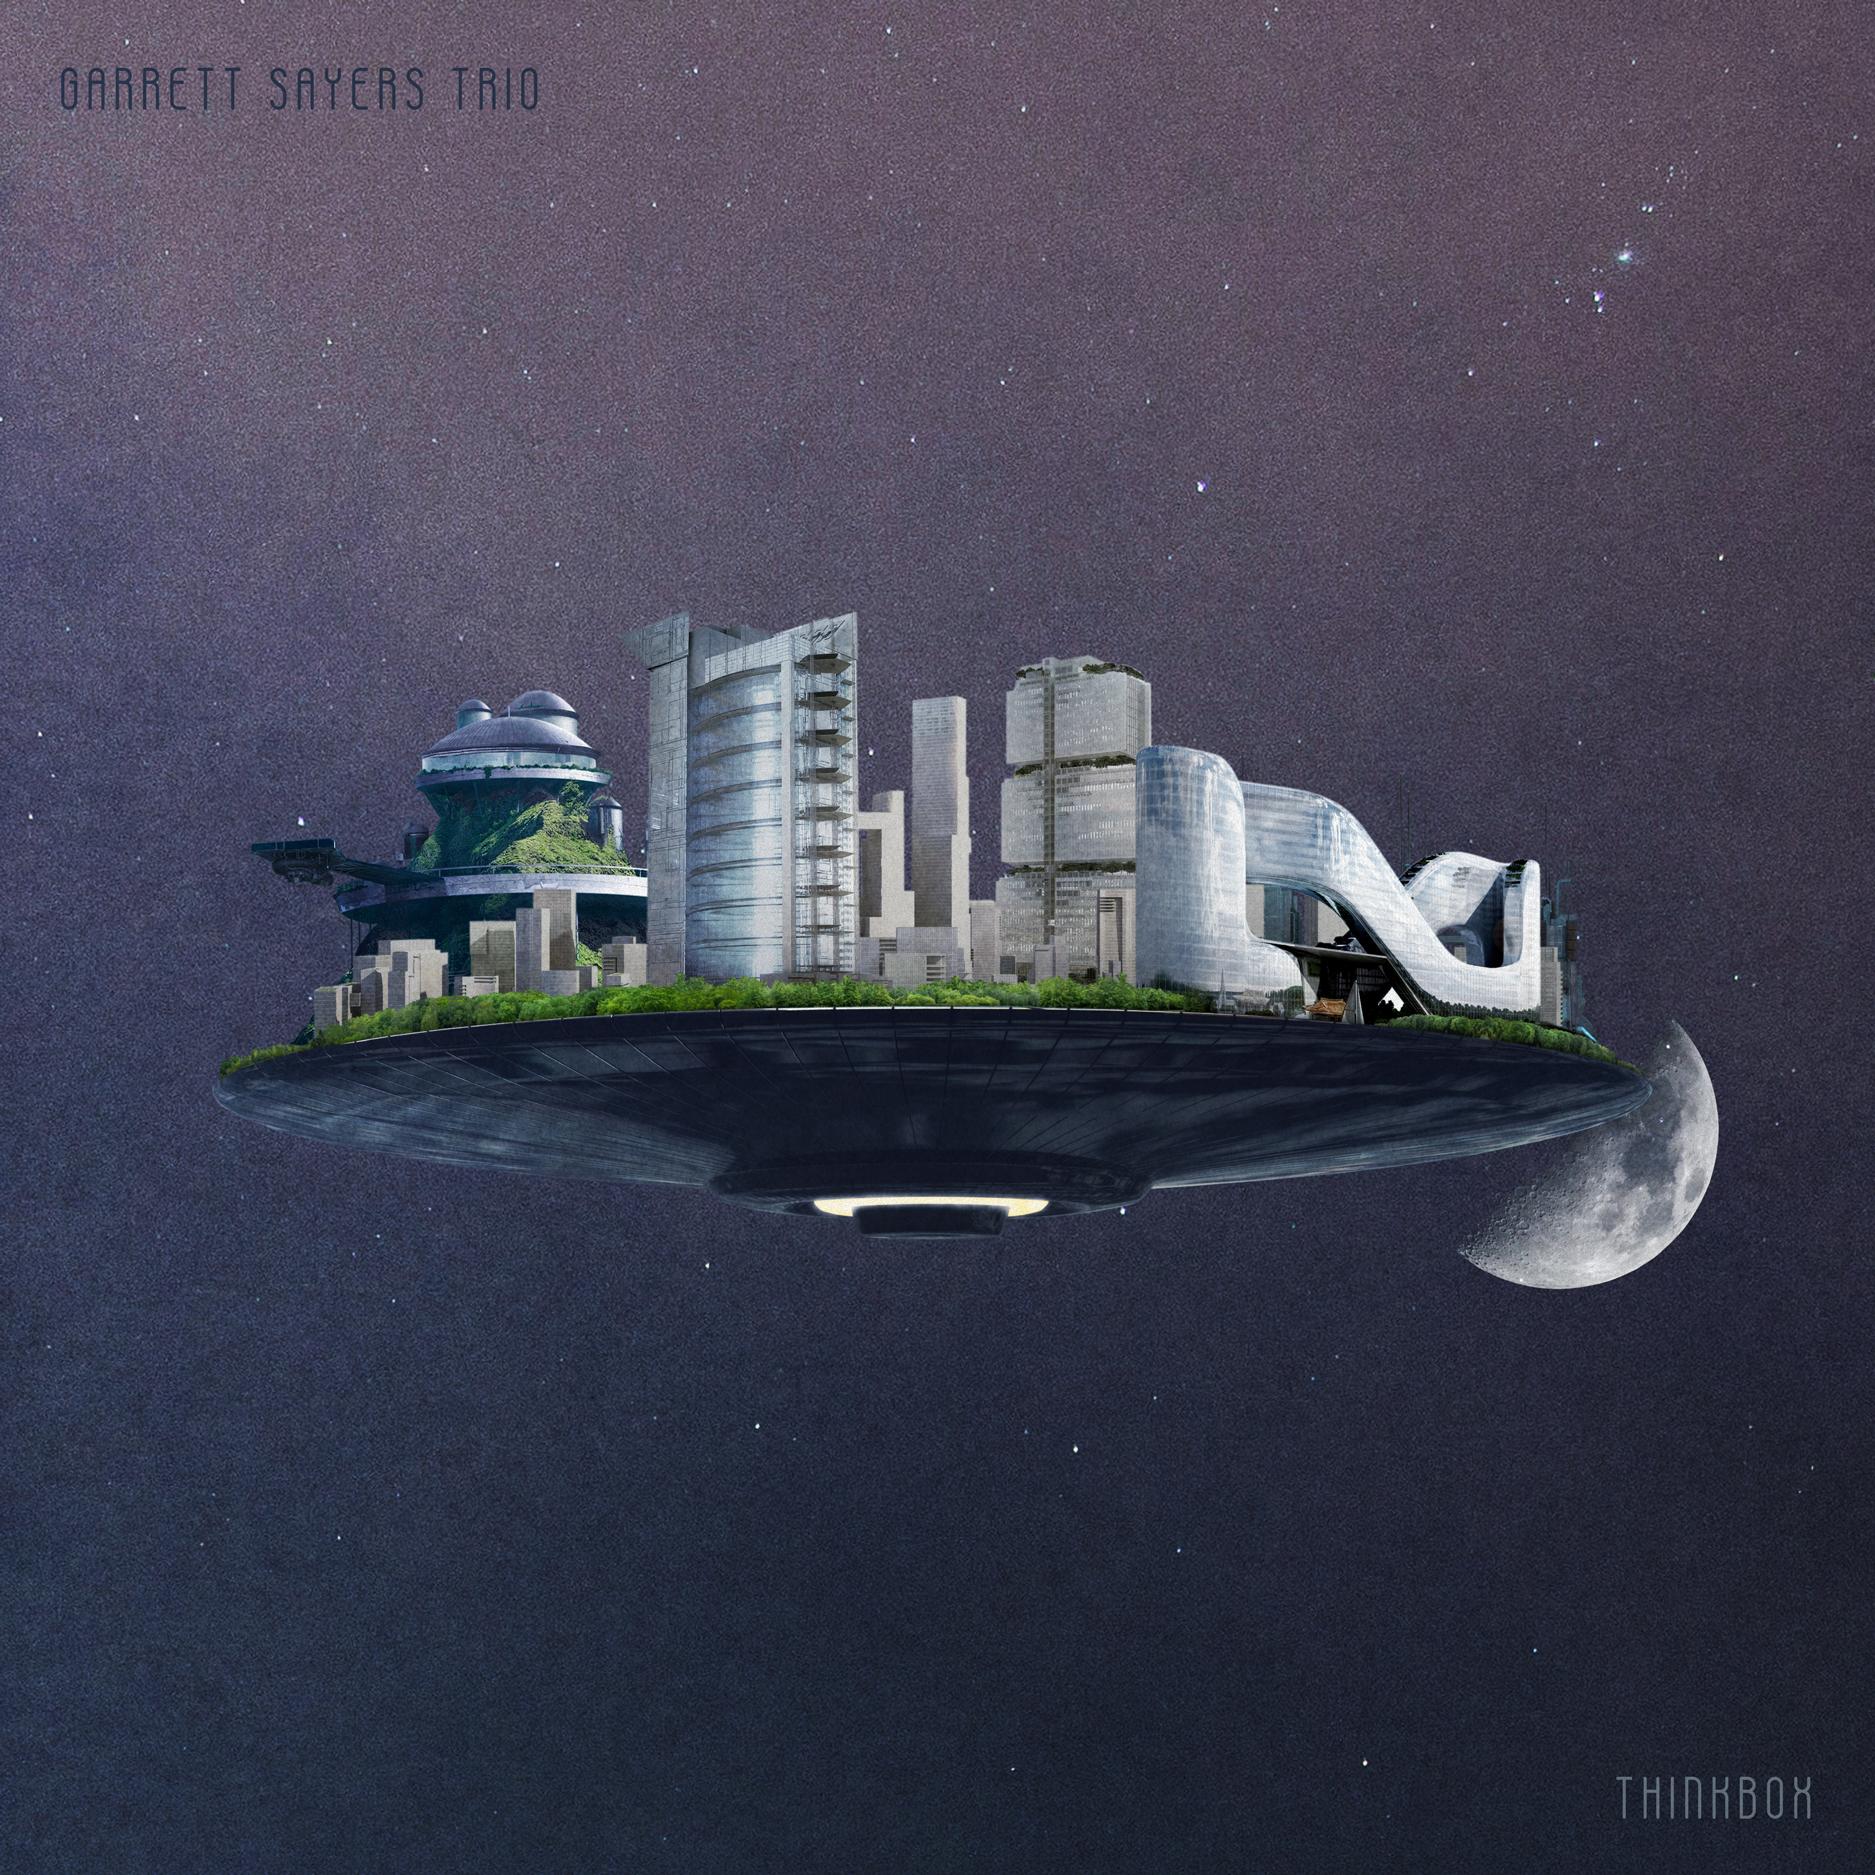 Art by Add Noise Studios